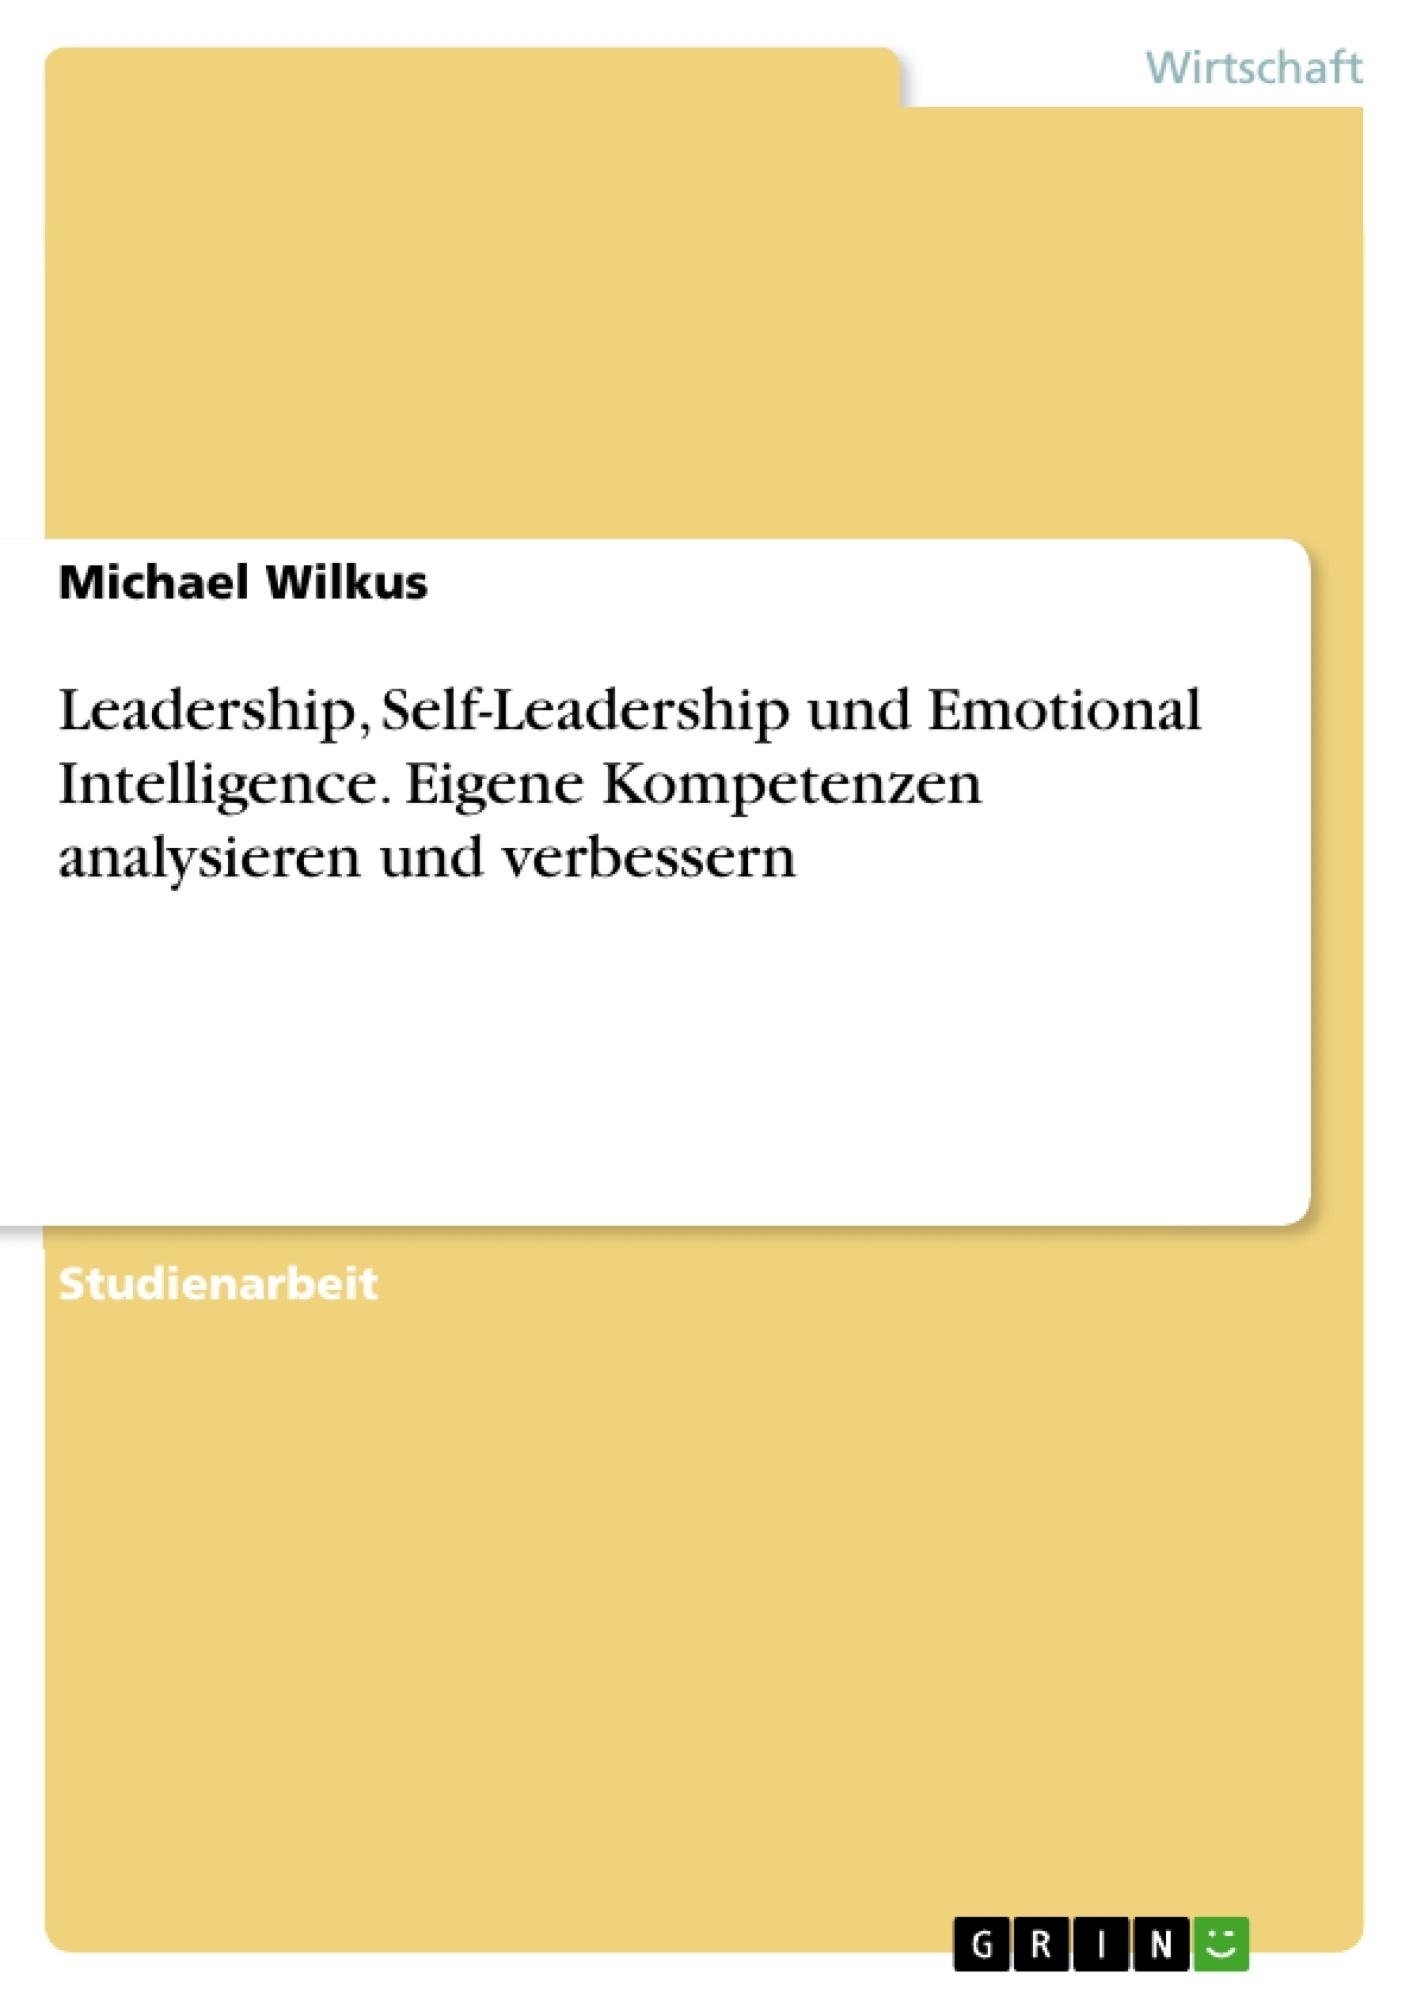 Titel: Leadership, Self-Leadership und Emotional Intelligence. Eigene Kompetenzen analysieren und verbessern